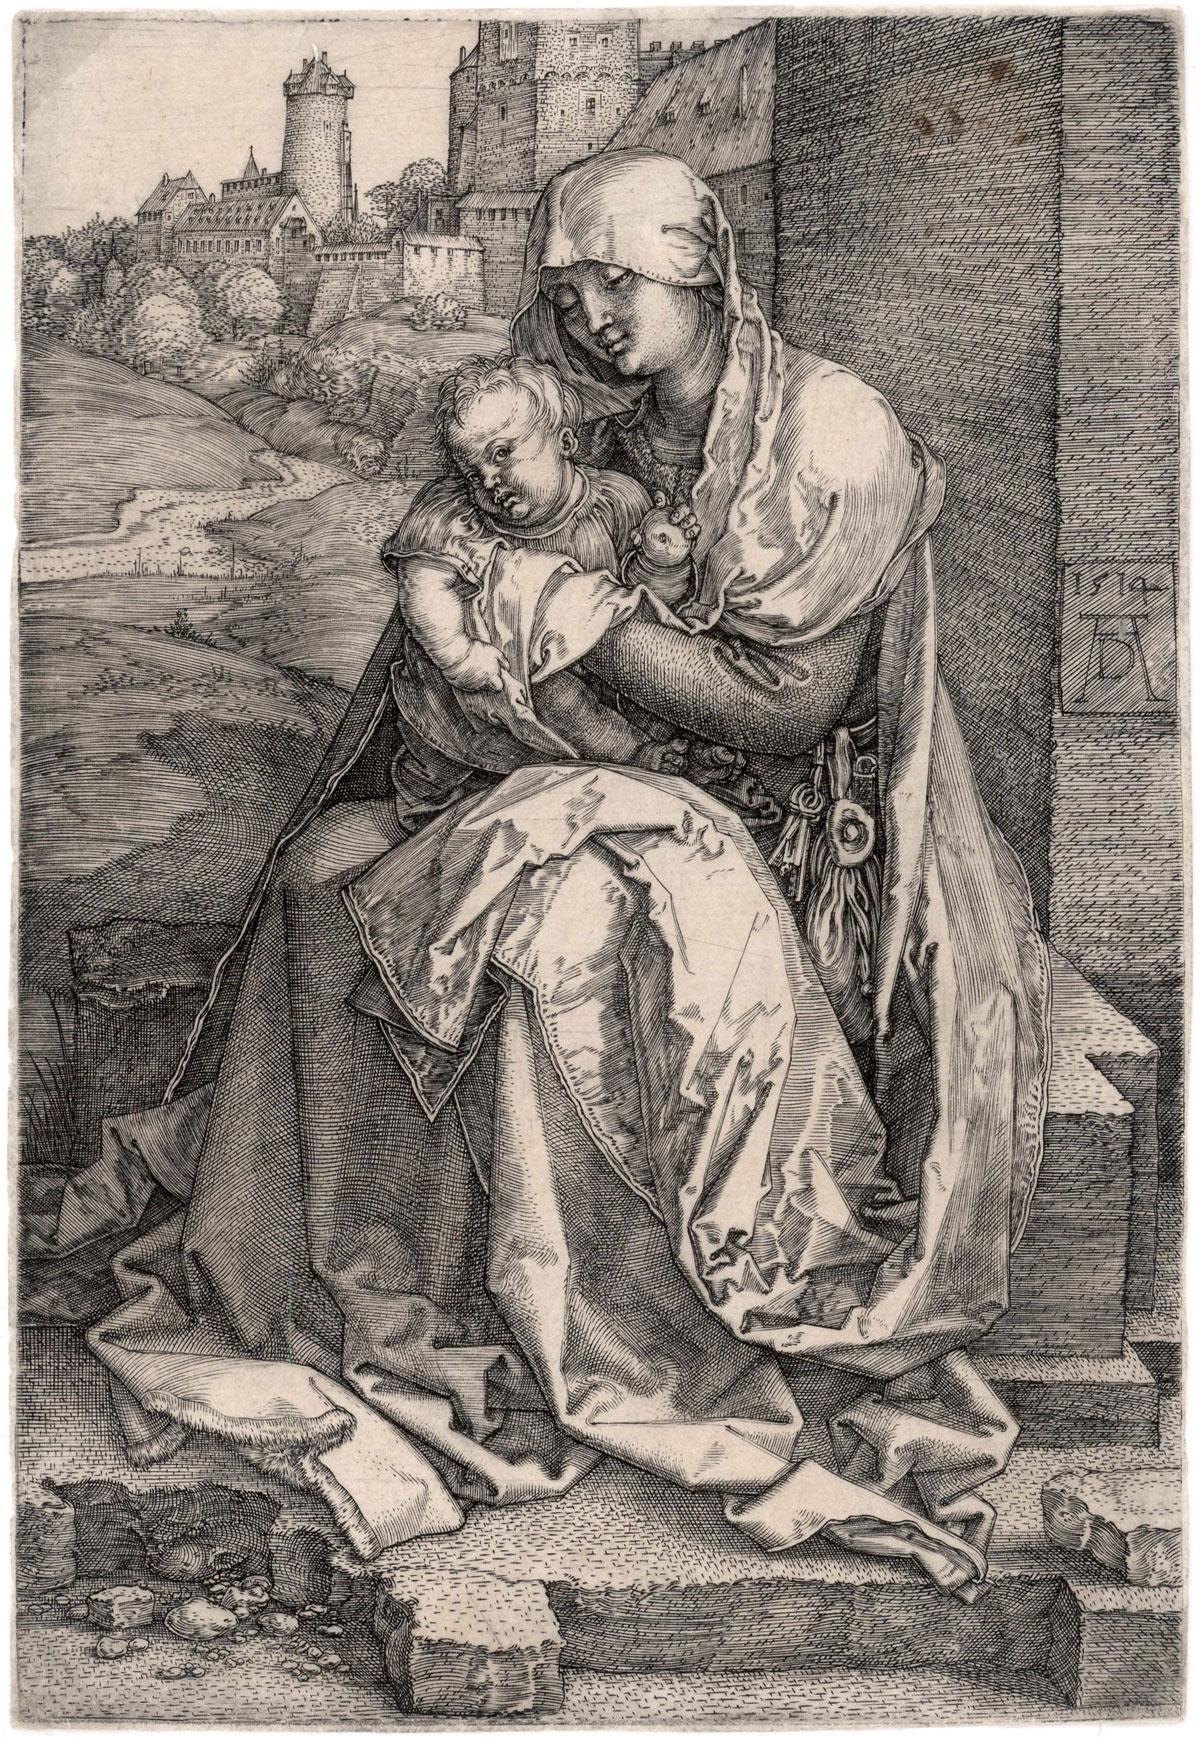 Albrecht Dürer, La Madonna col Bambino seduta presso un muro (1514; bulino, 147 x 101 mm, esemplare privo di margini; esemplare di unico stato, variante A secondo Meder; iscrizioni: a destra, verso il centro, data e monogramma AD)